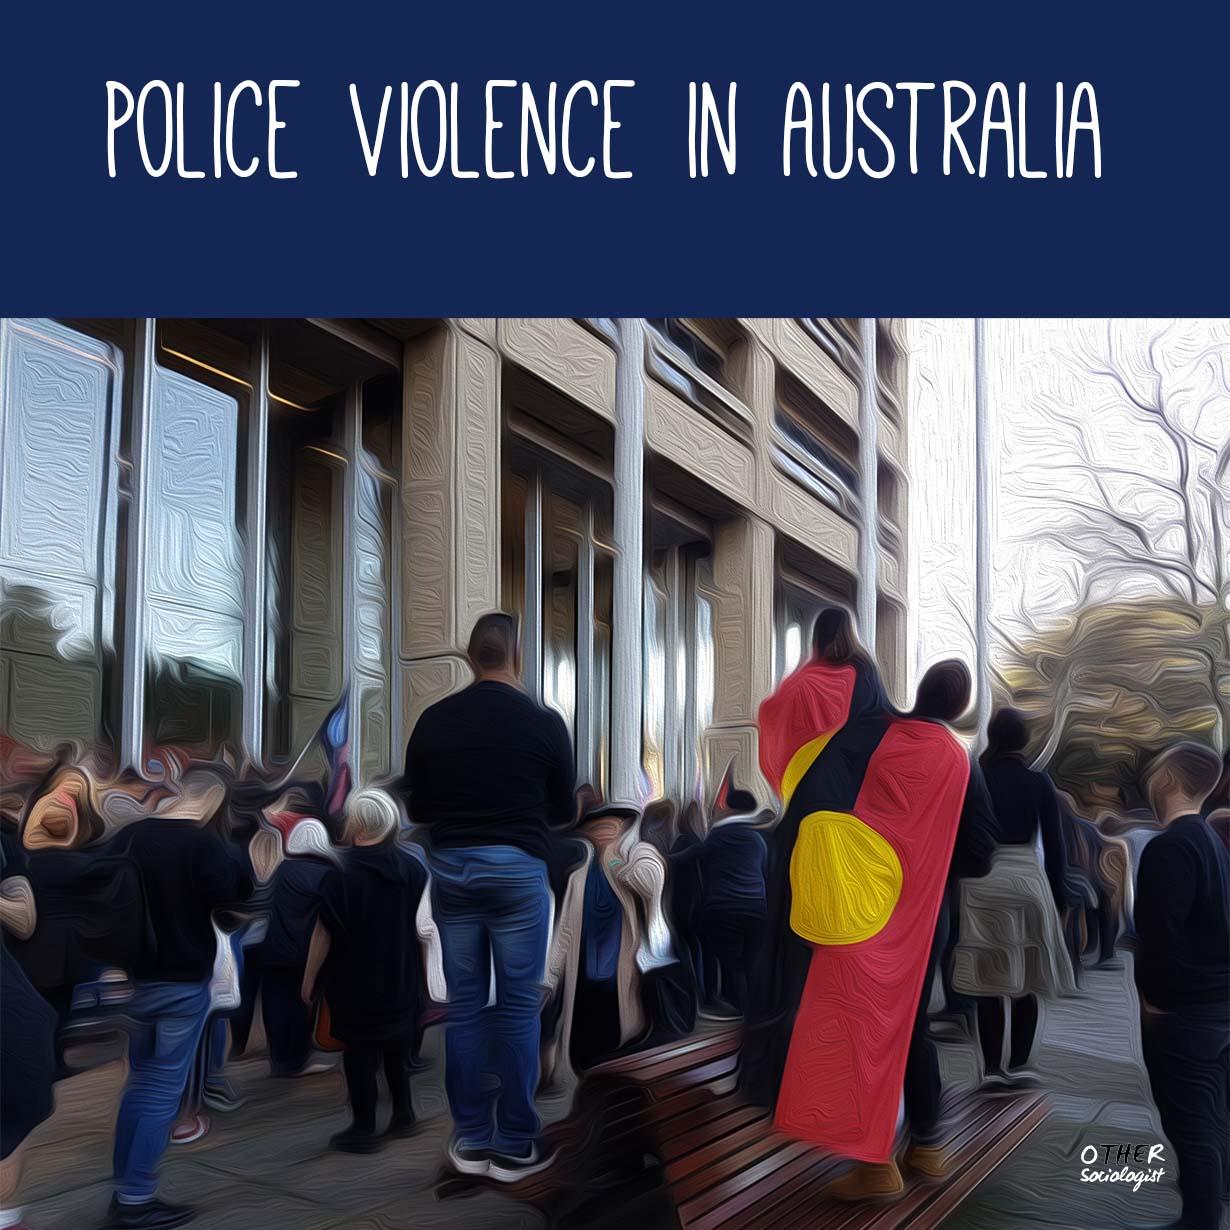 Police Violence in Australia